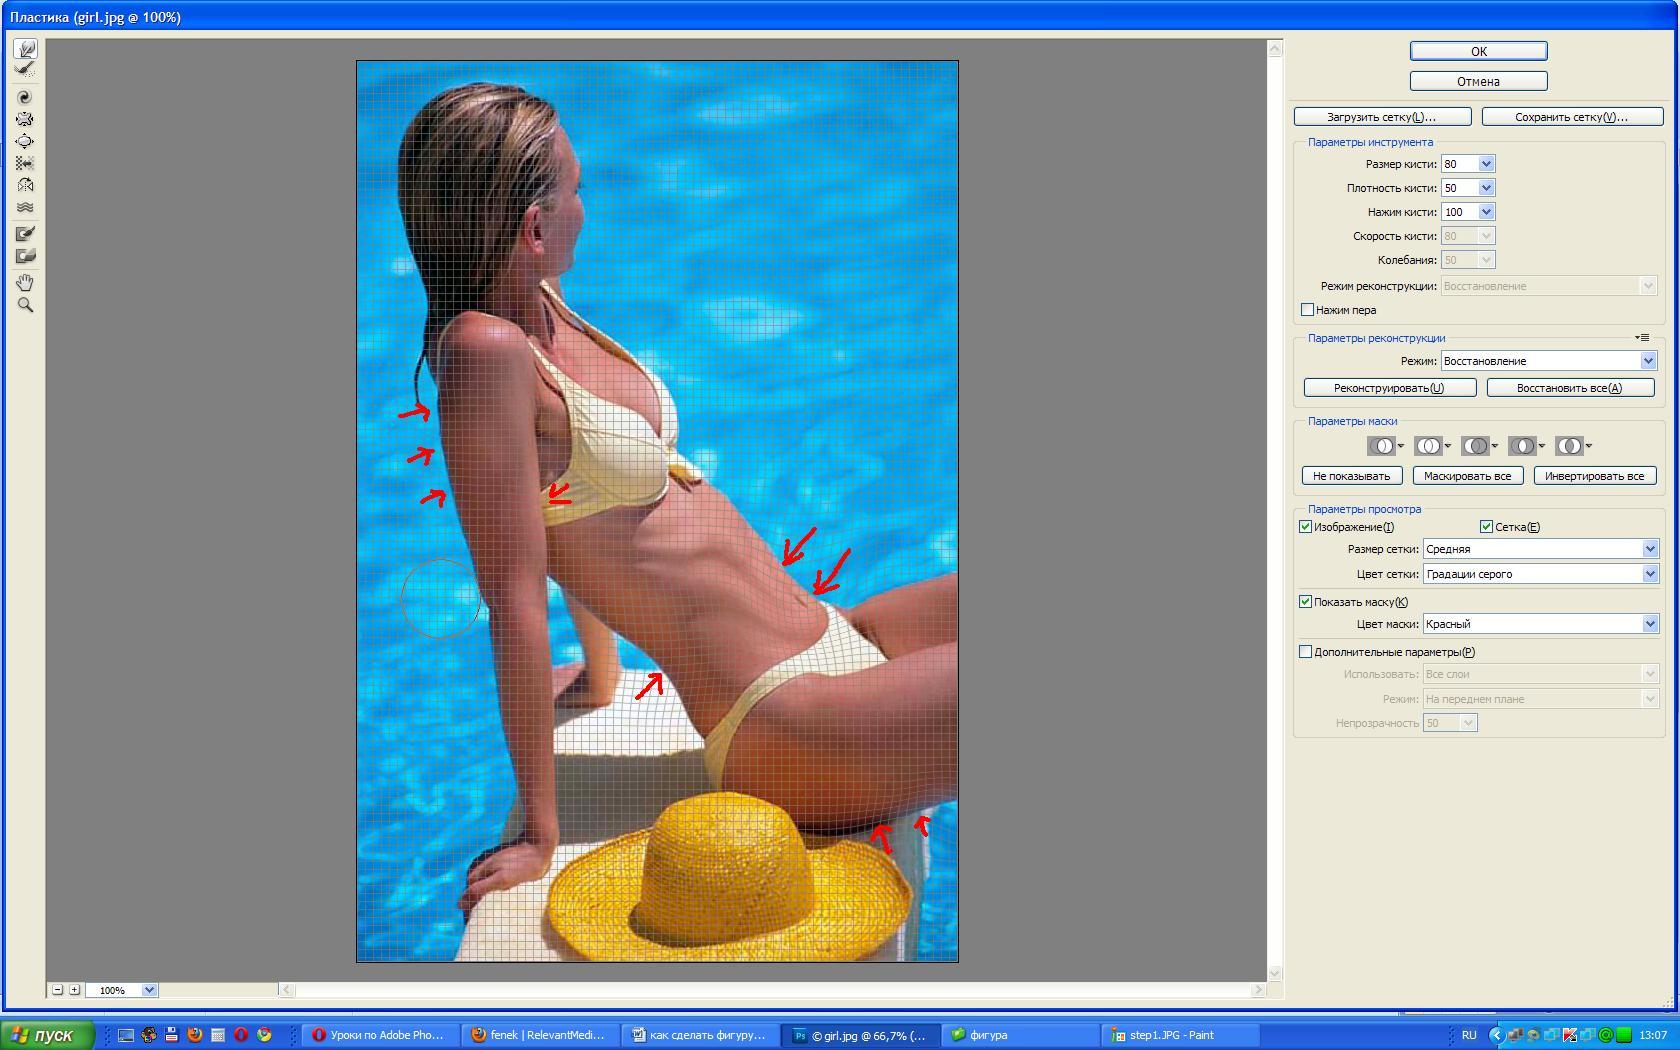 Как уменьшить фигуру в фотошопе